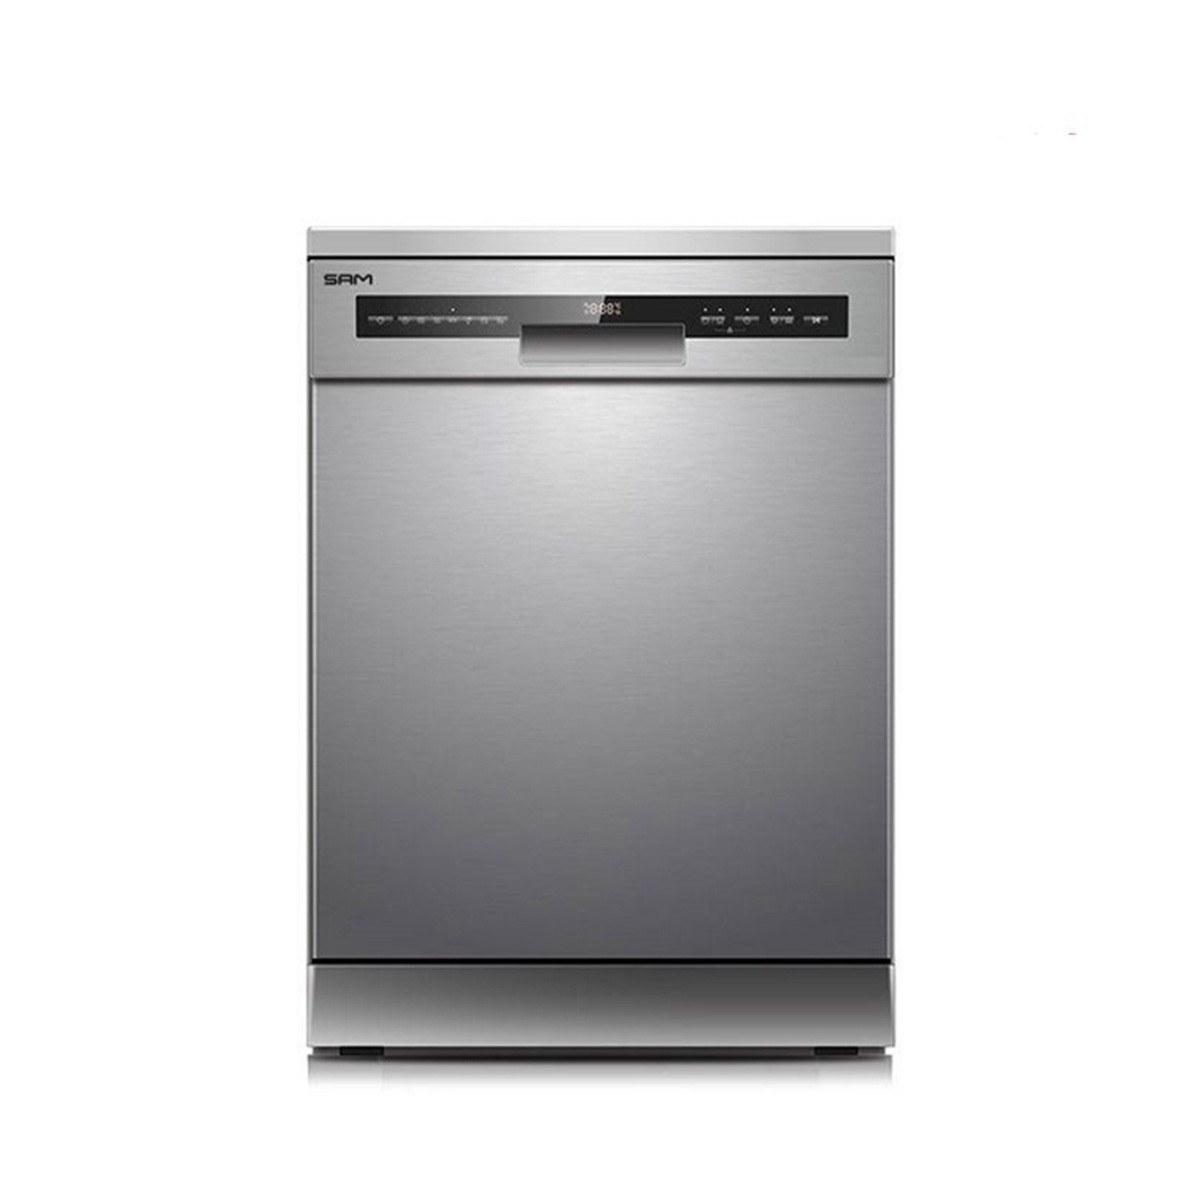 تصویر ماشین ظرفشویی ایستاده سام مدل Sam DW-180 Standing dishwasher Sam Model Sam DW-180